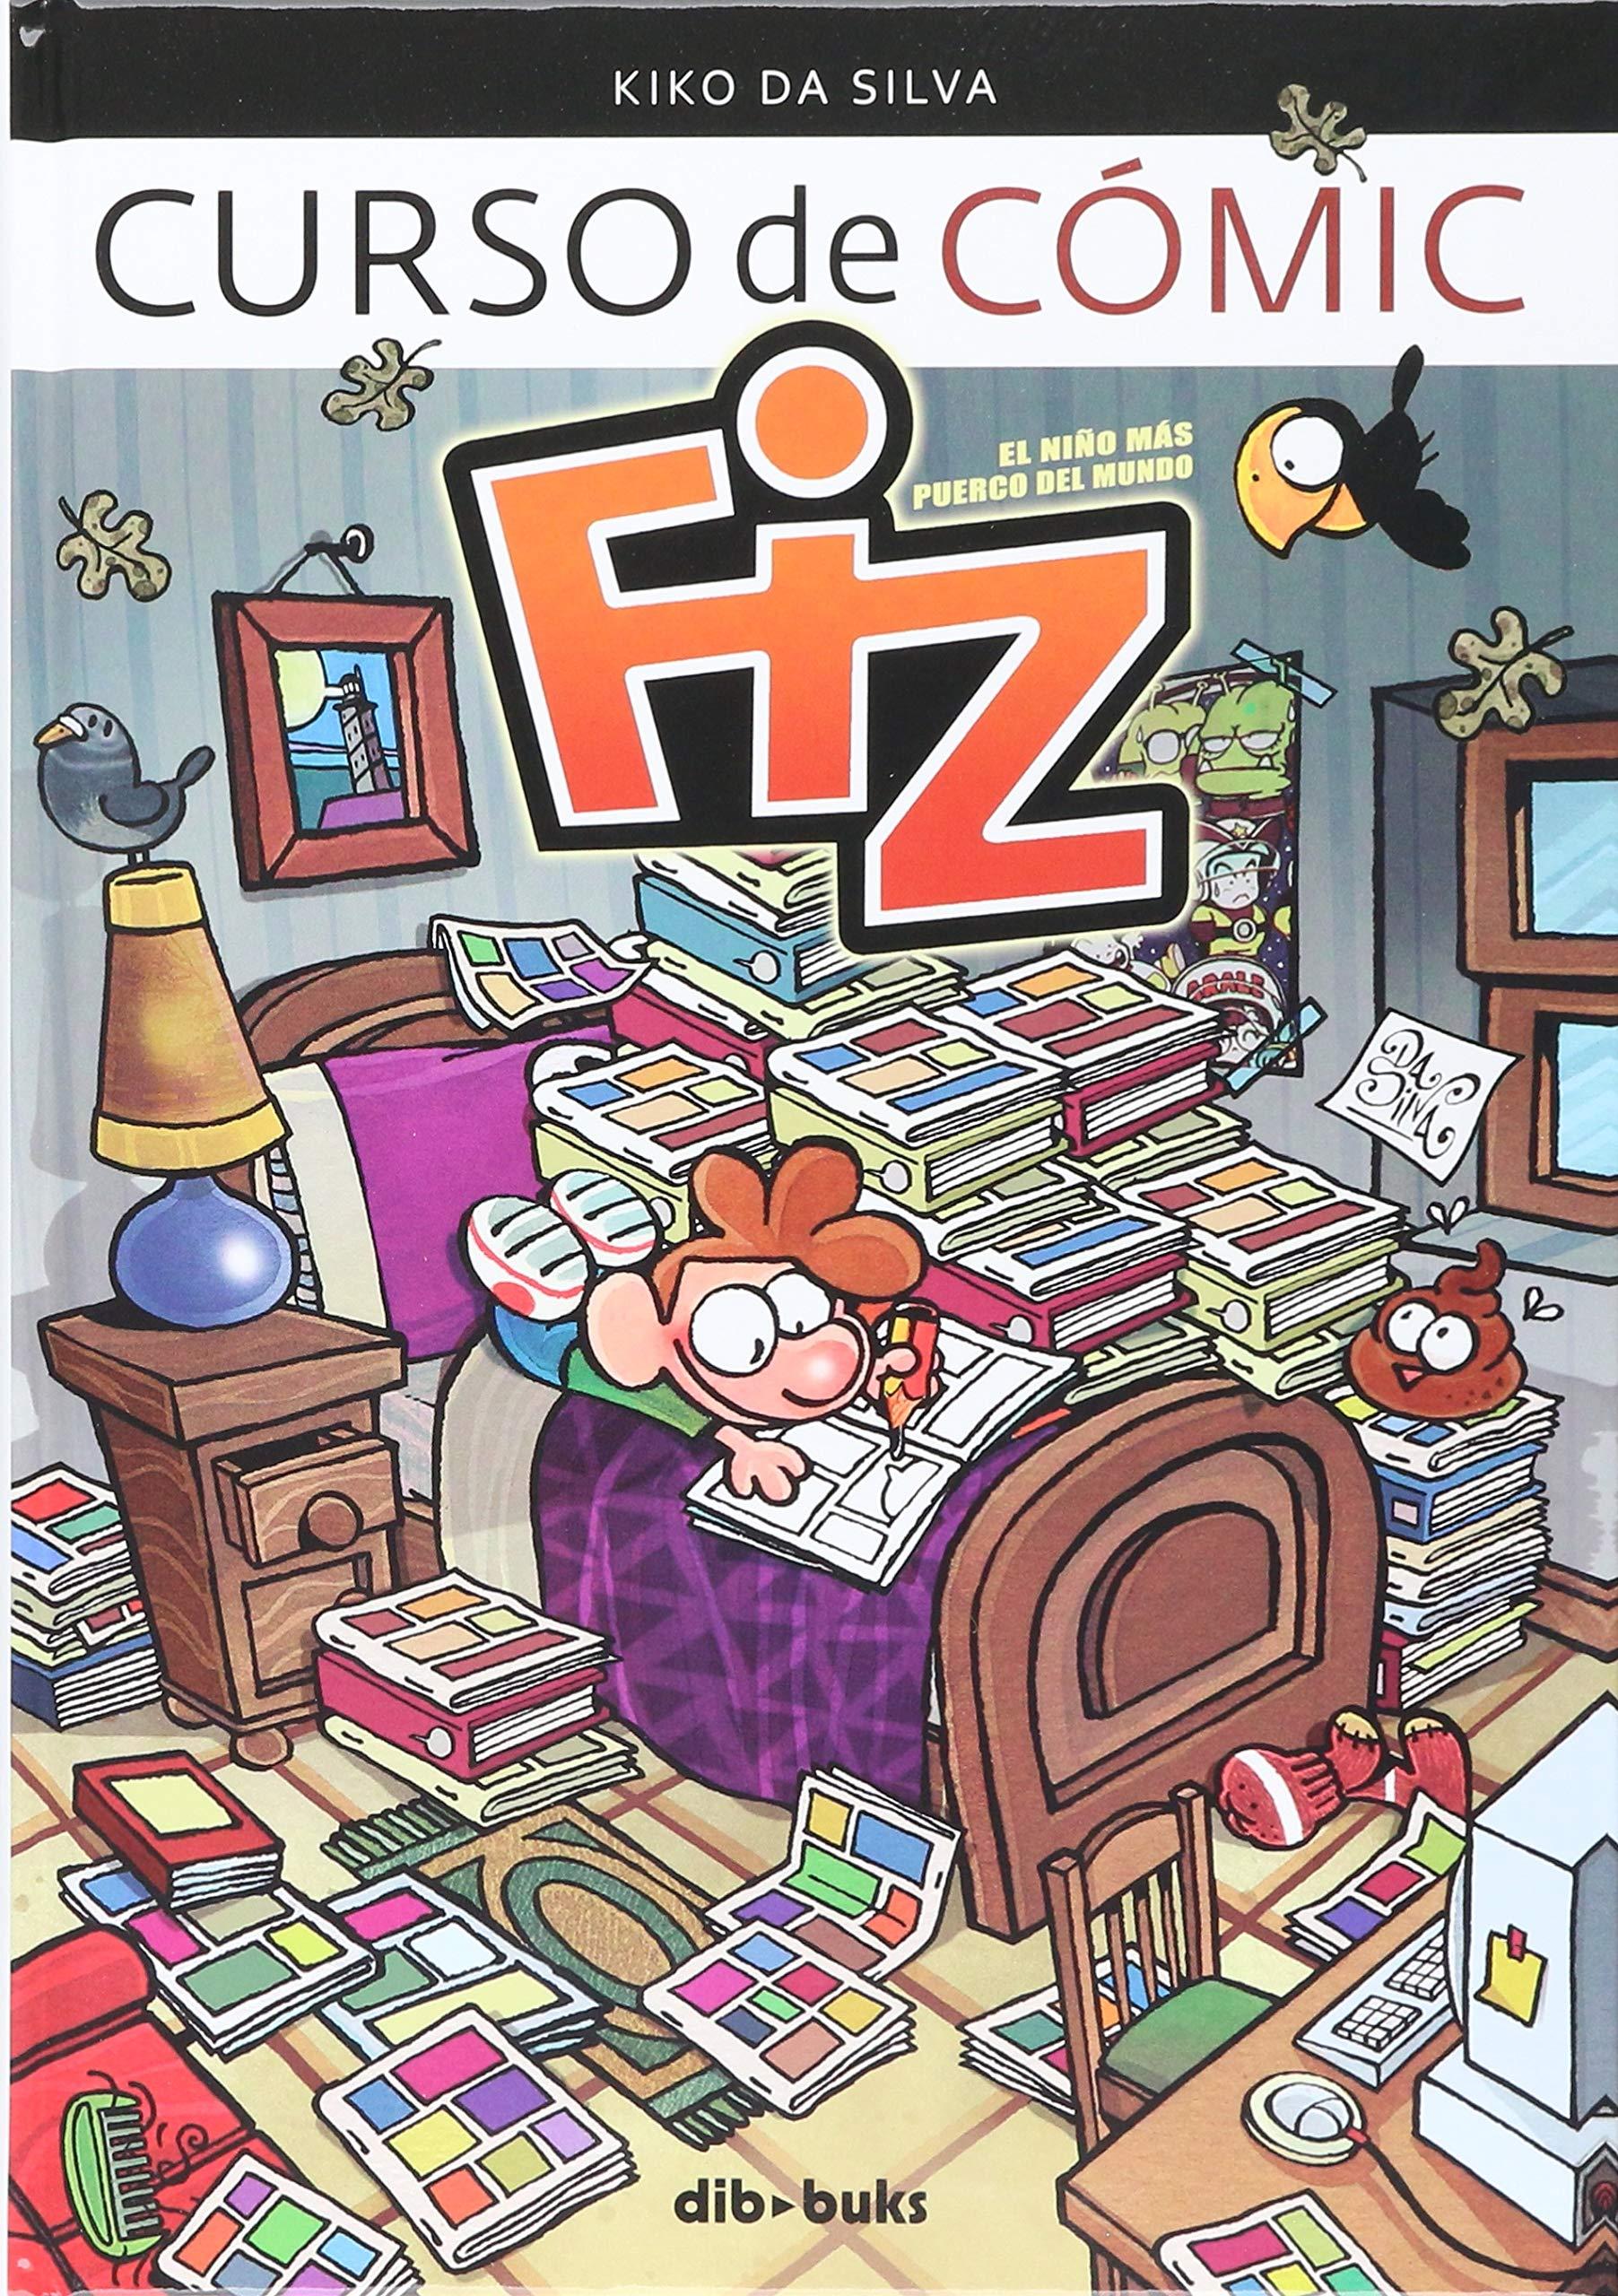 Fiz: Curso de cómic (Infantil y Juvenil) Tapa dura – 28 ago 2017 Kiko da Silva Dibbuks 8416507783 Graphic novels